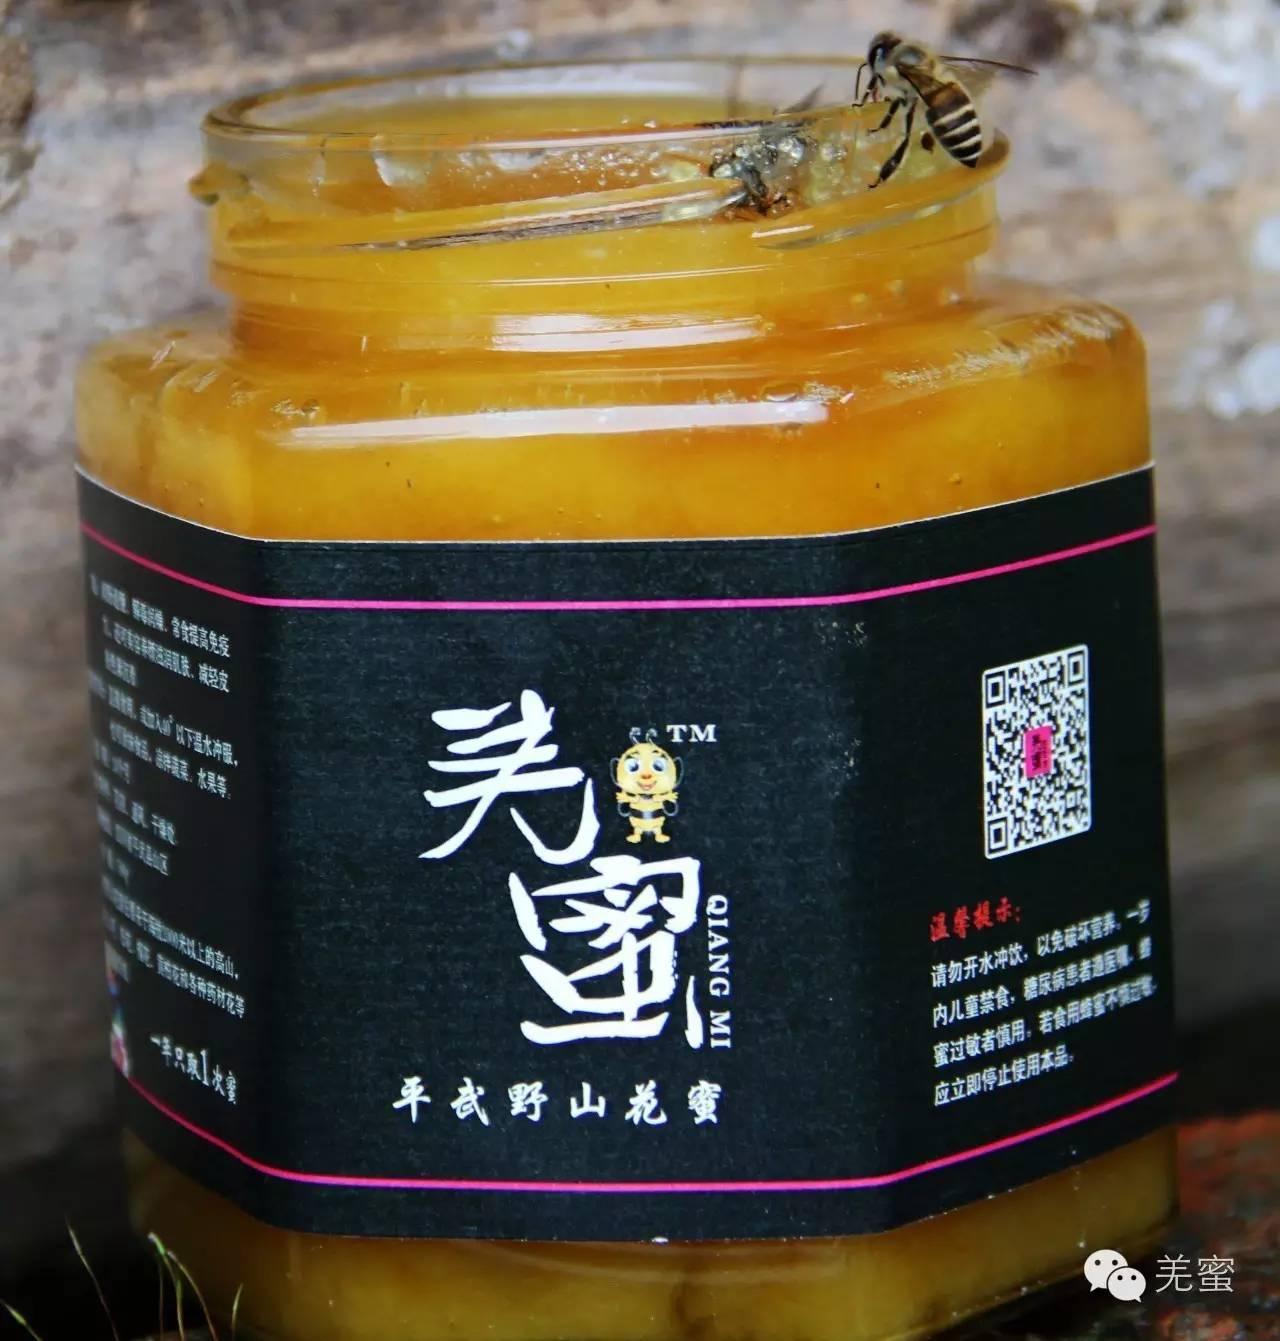 进口蜂蜜品牌 蜂蜜泡茶 蜂蜜包装设计 乌发汤 椴树蜂蜜的价格